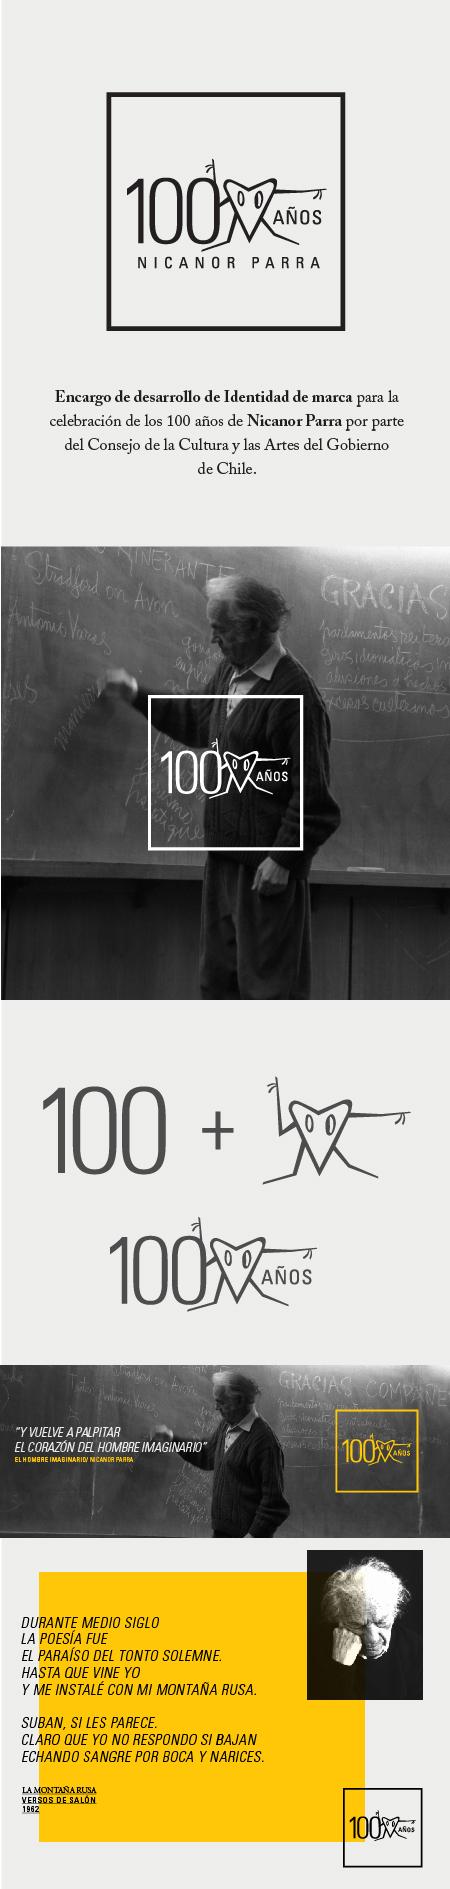 100 años parra